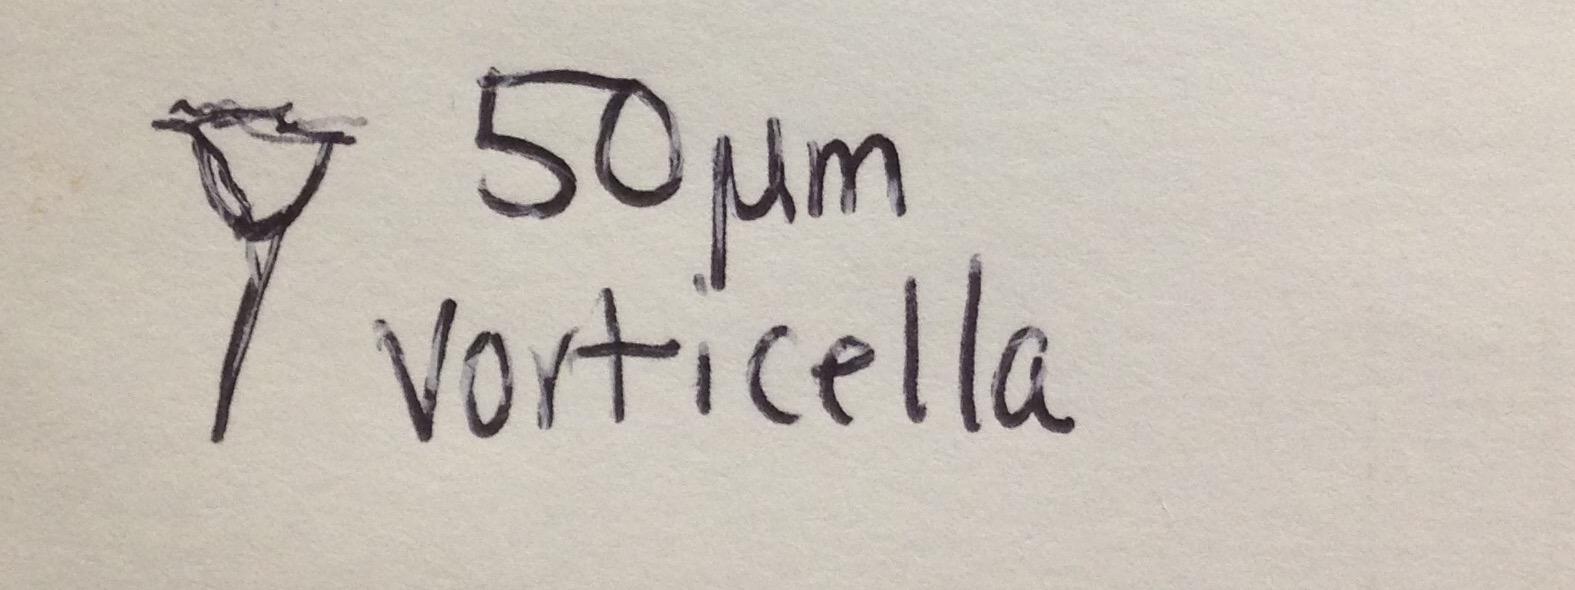 Swvorticella.jpg